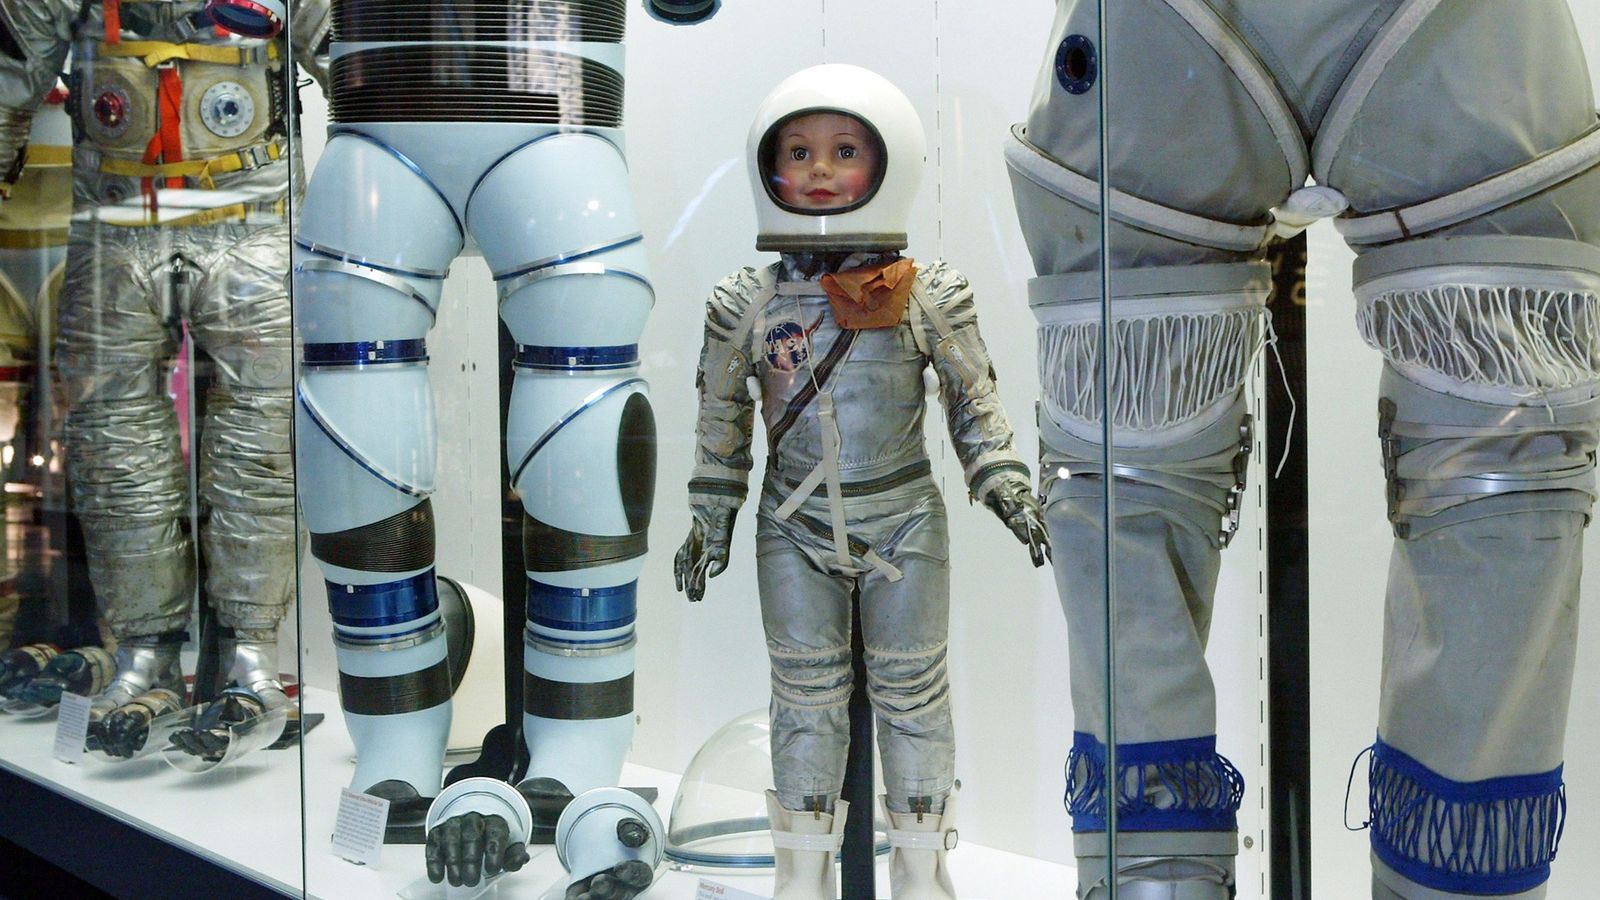 Os fatos espaciais situam-se entre os objetos da coleção do Smithsonian.